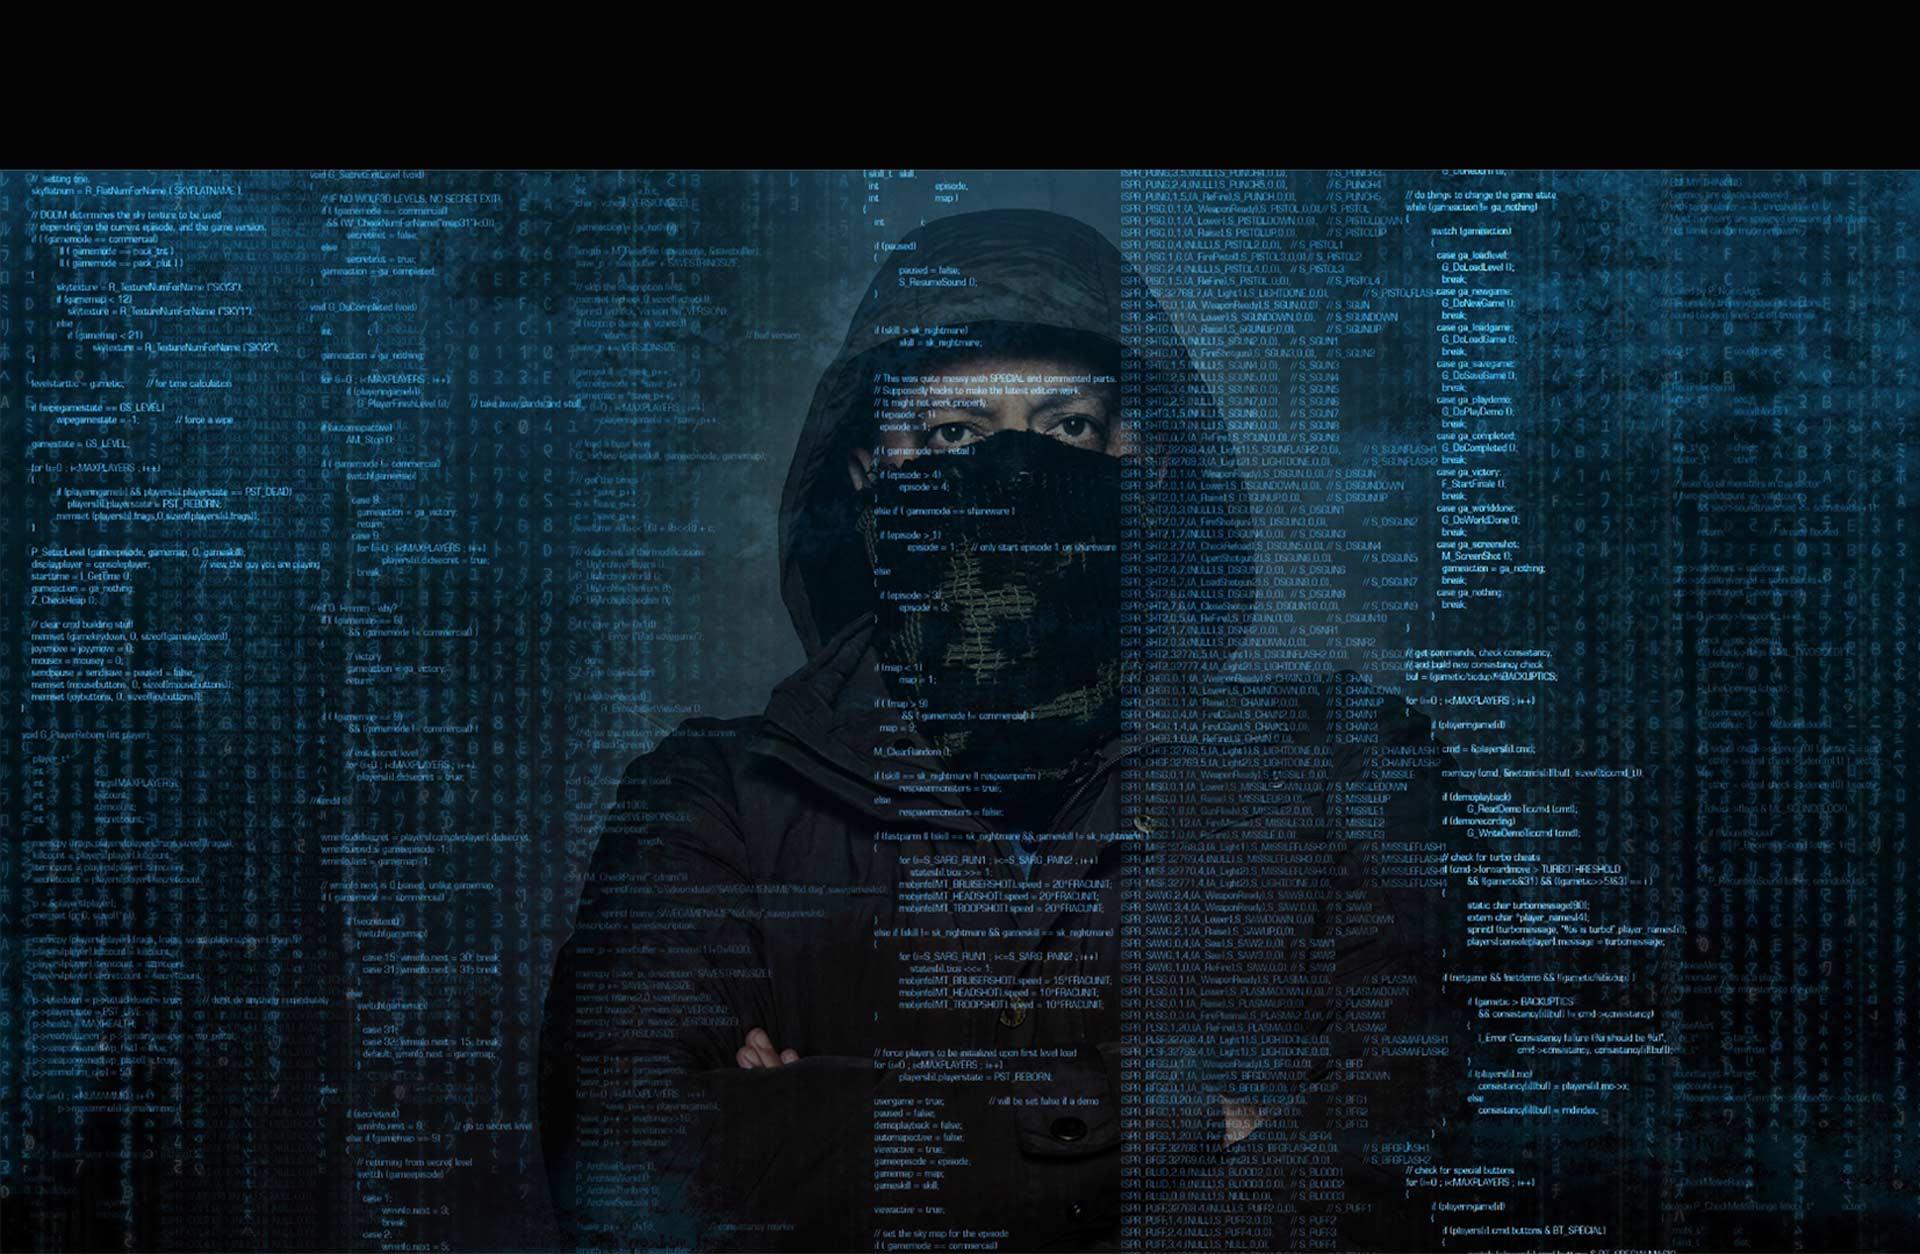 """El """"internet de las cosas"""" crea nuevos escenarios de crimen que requieren nuevas estrategias para hacerles frente"""